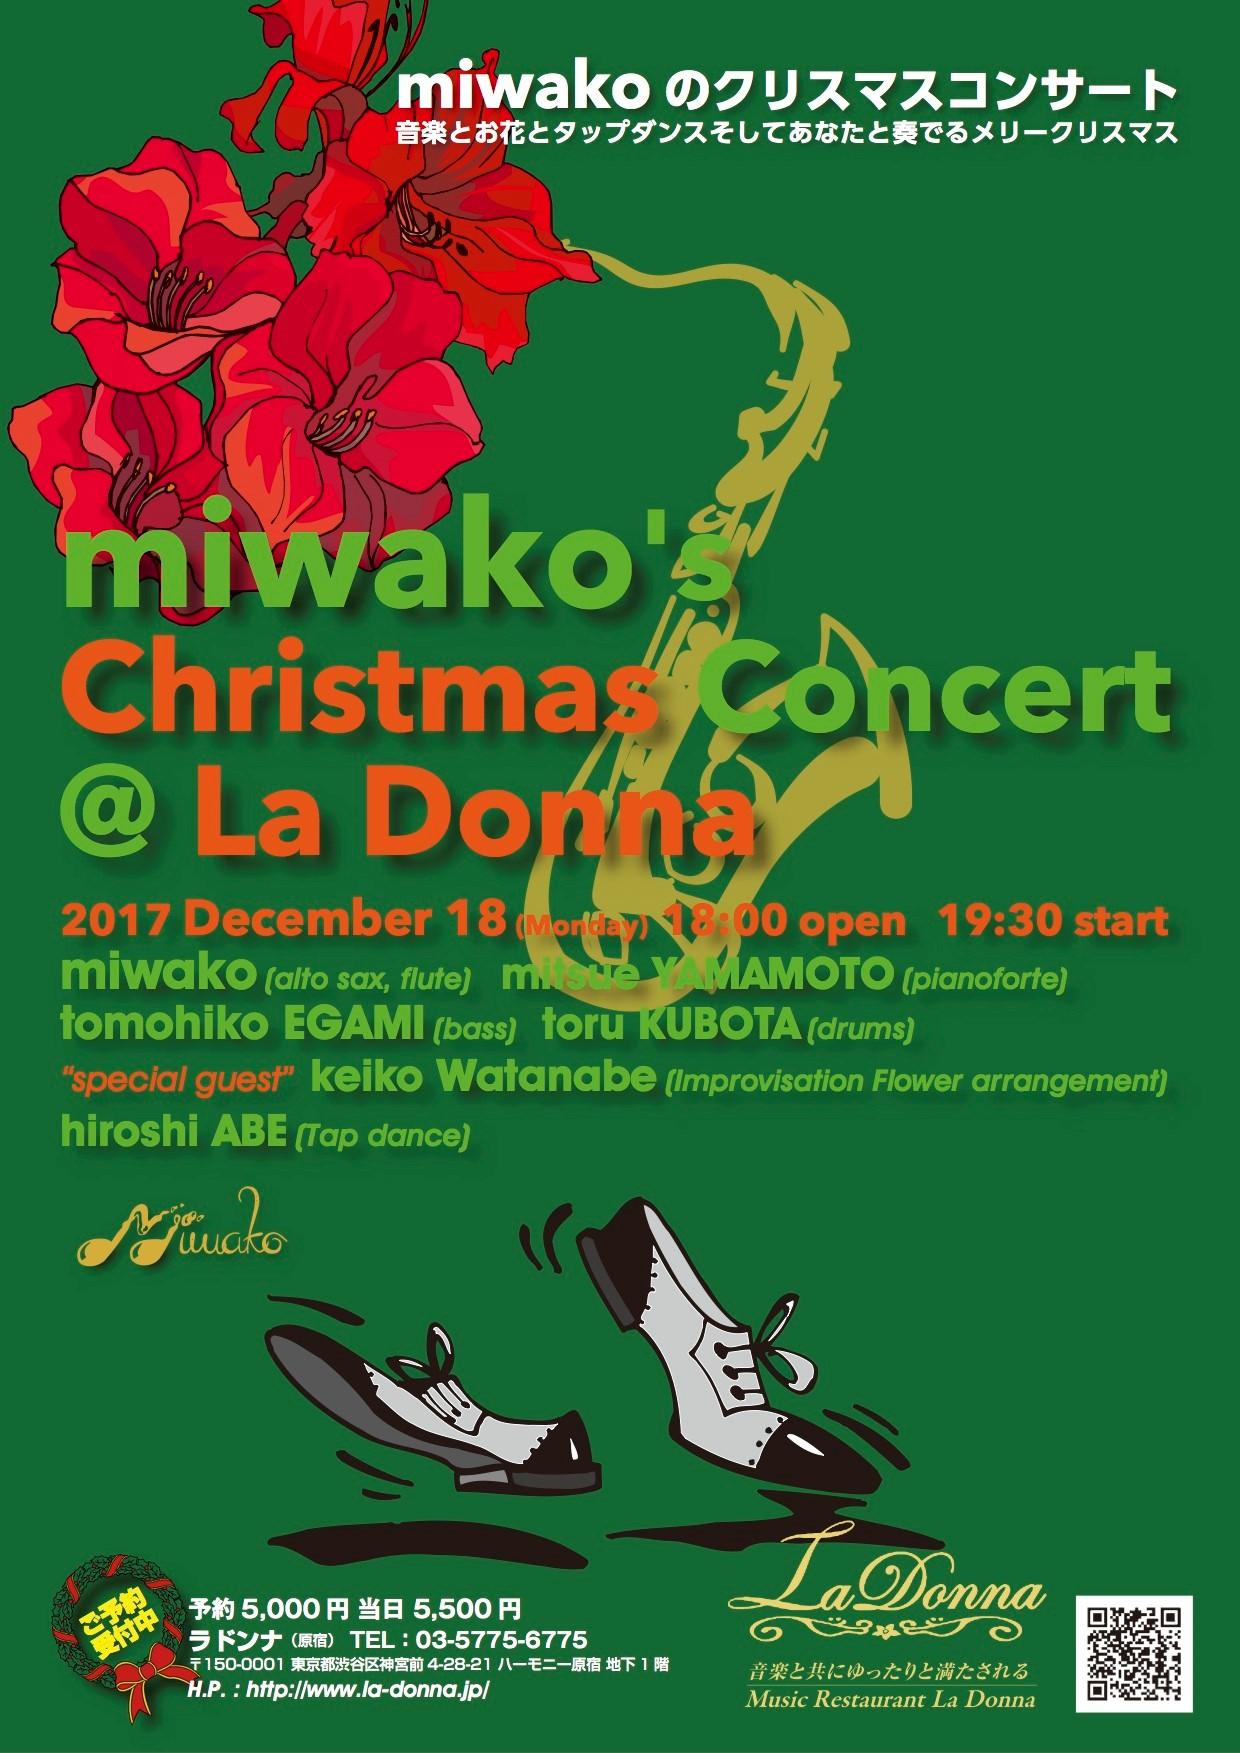 miwakoのクリスマスコンサート  〜音楽とお花とタップダンスそしてあなたと奏でるメリークリスマス~